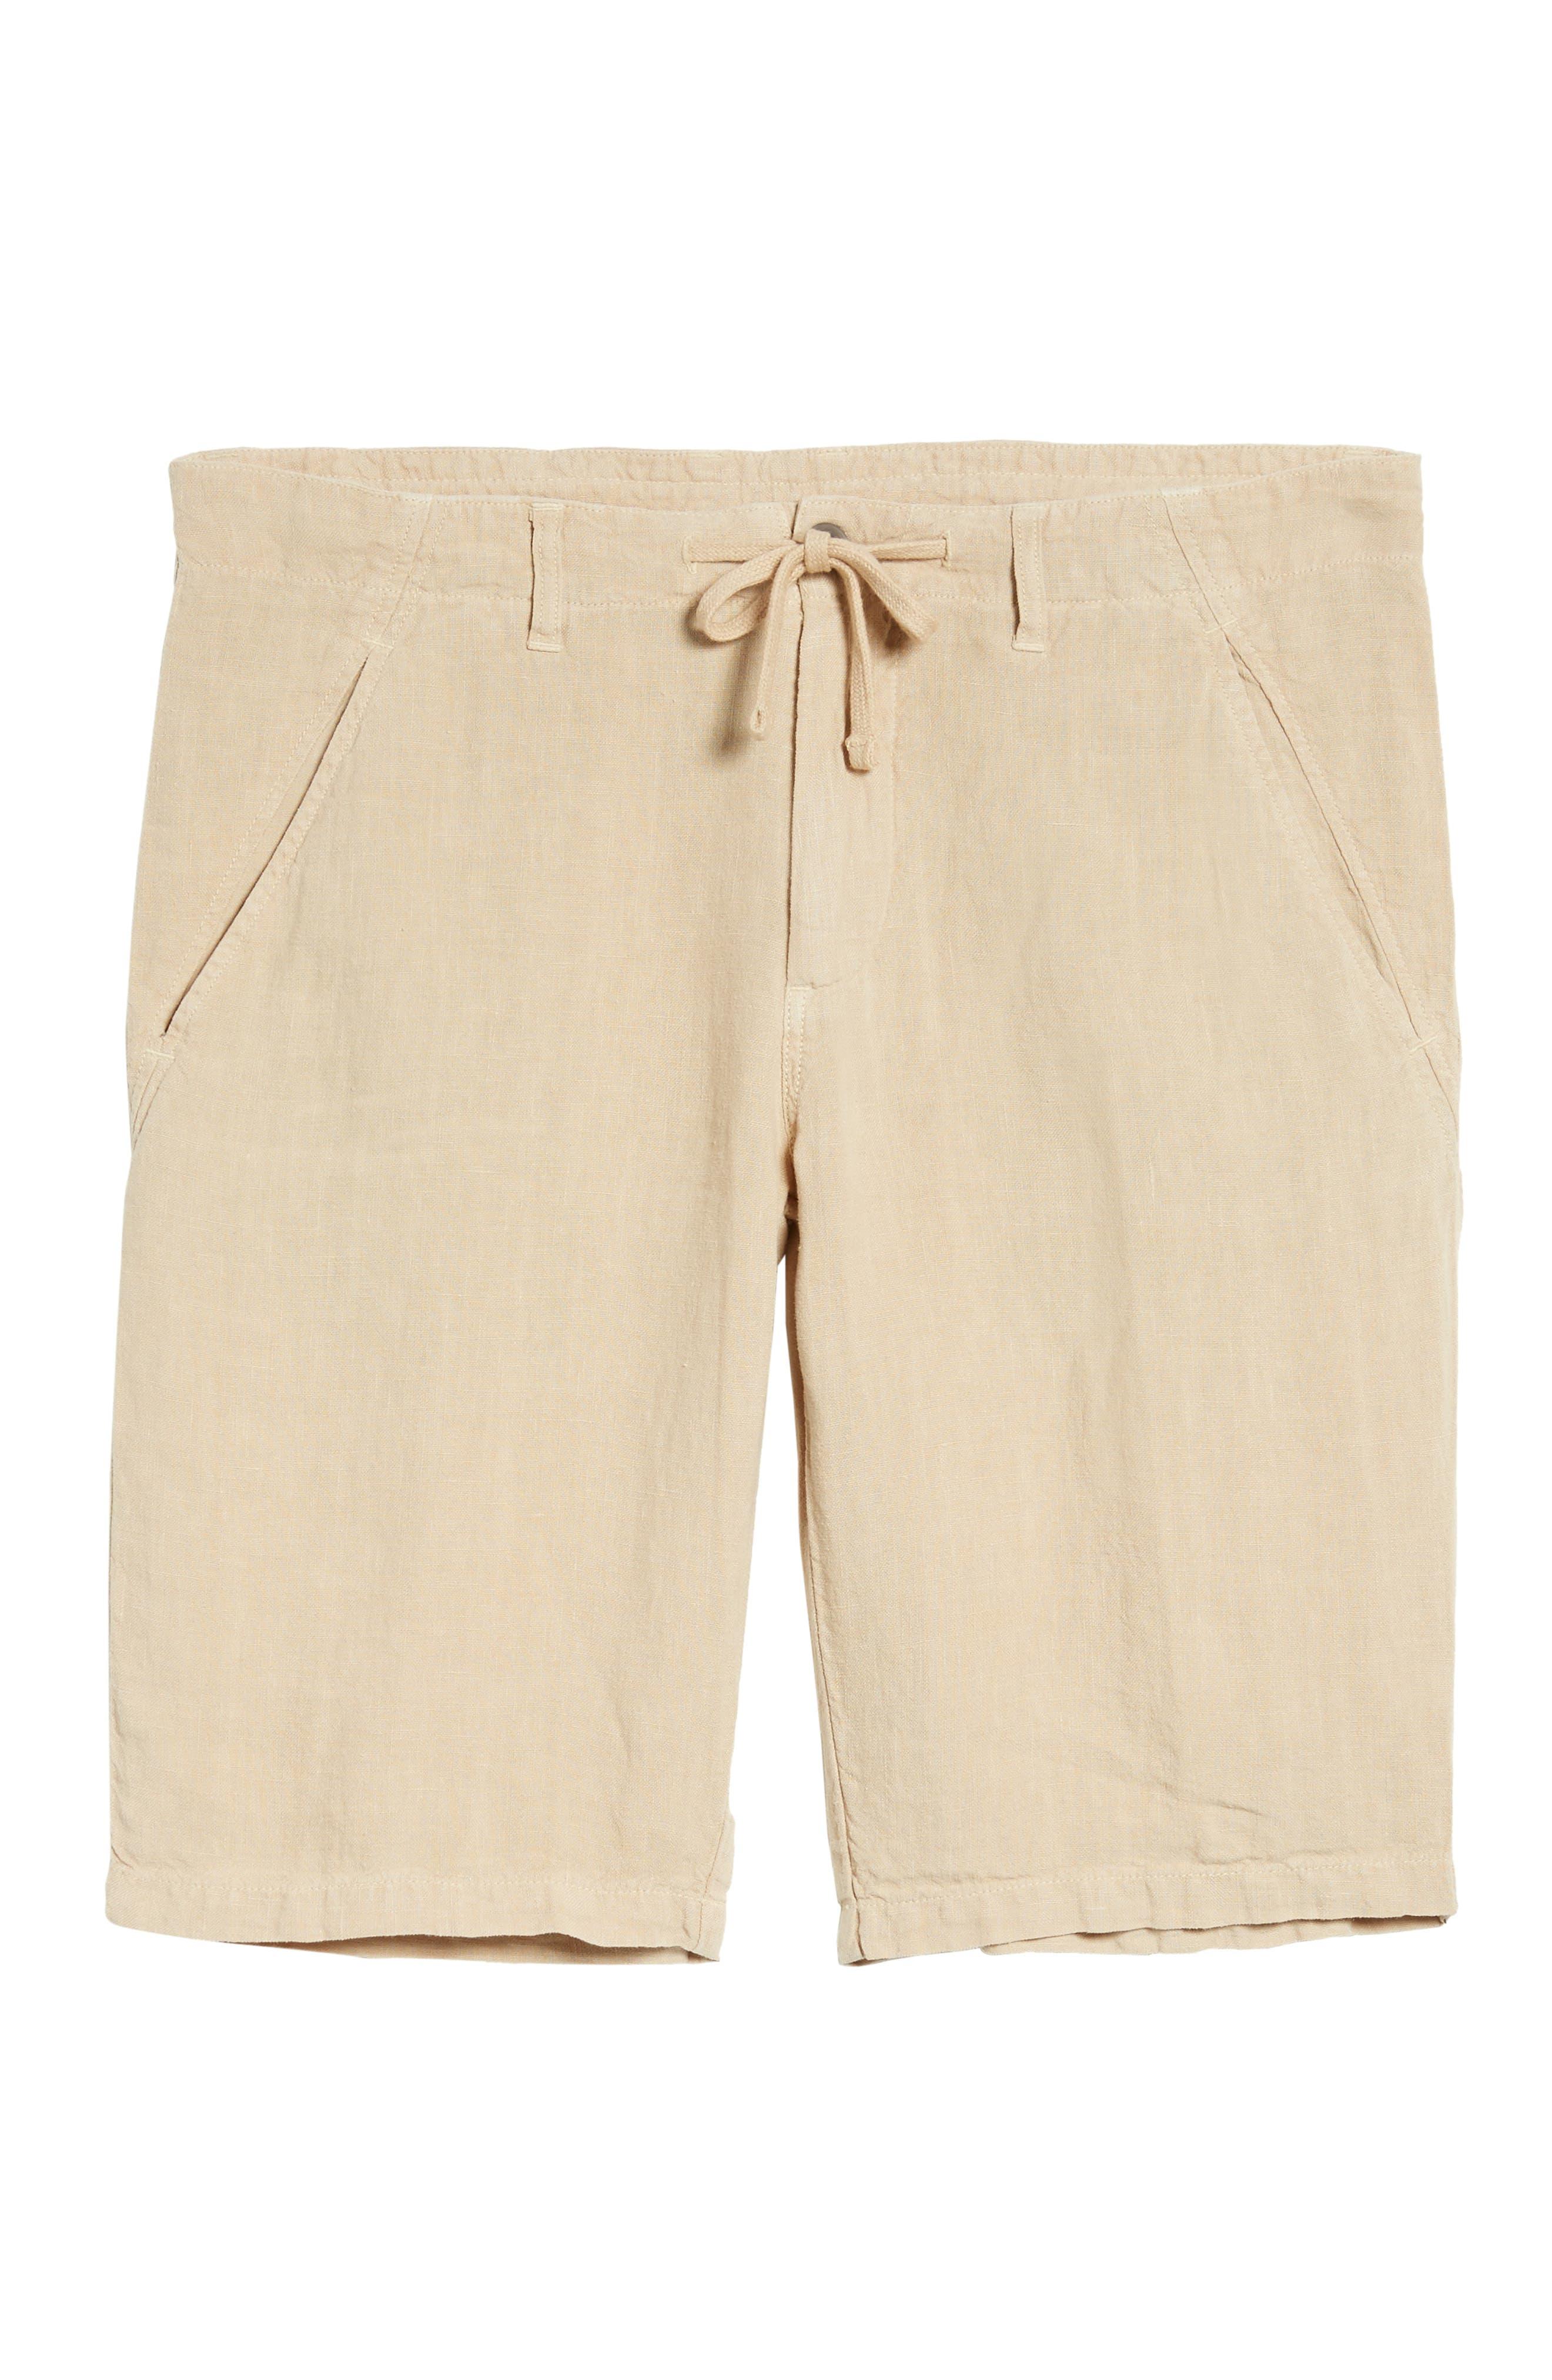 & Bros. Linen Shorts,                             Alternate thumbnail 6, color,                             Desert Dust